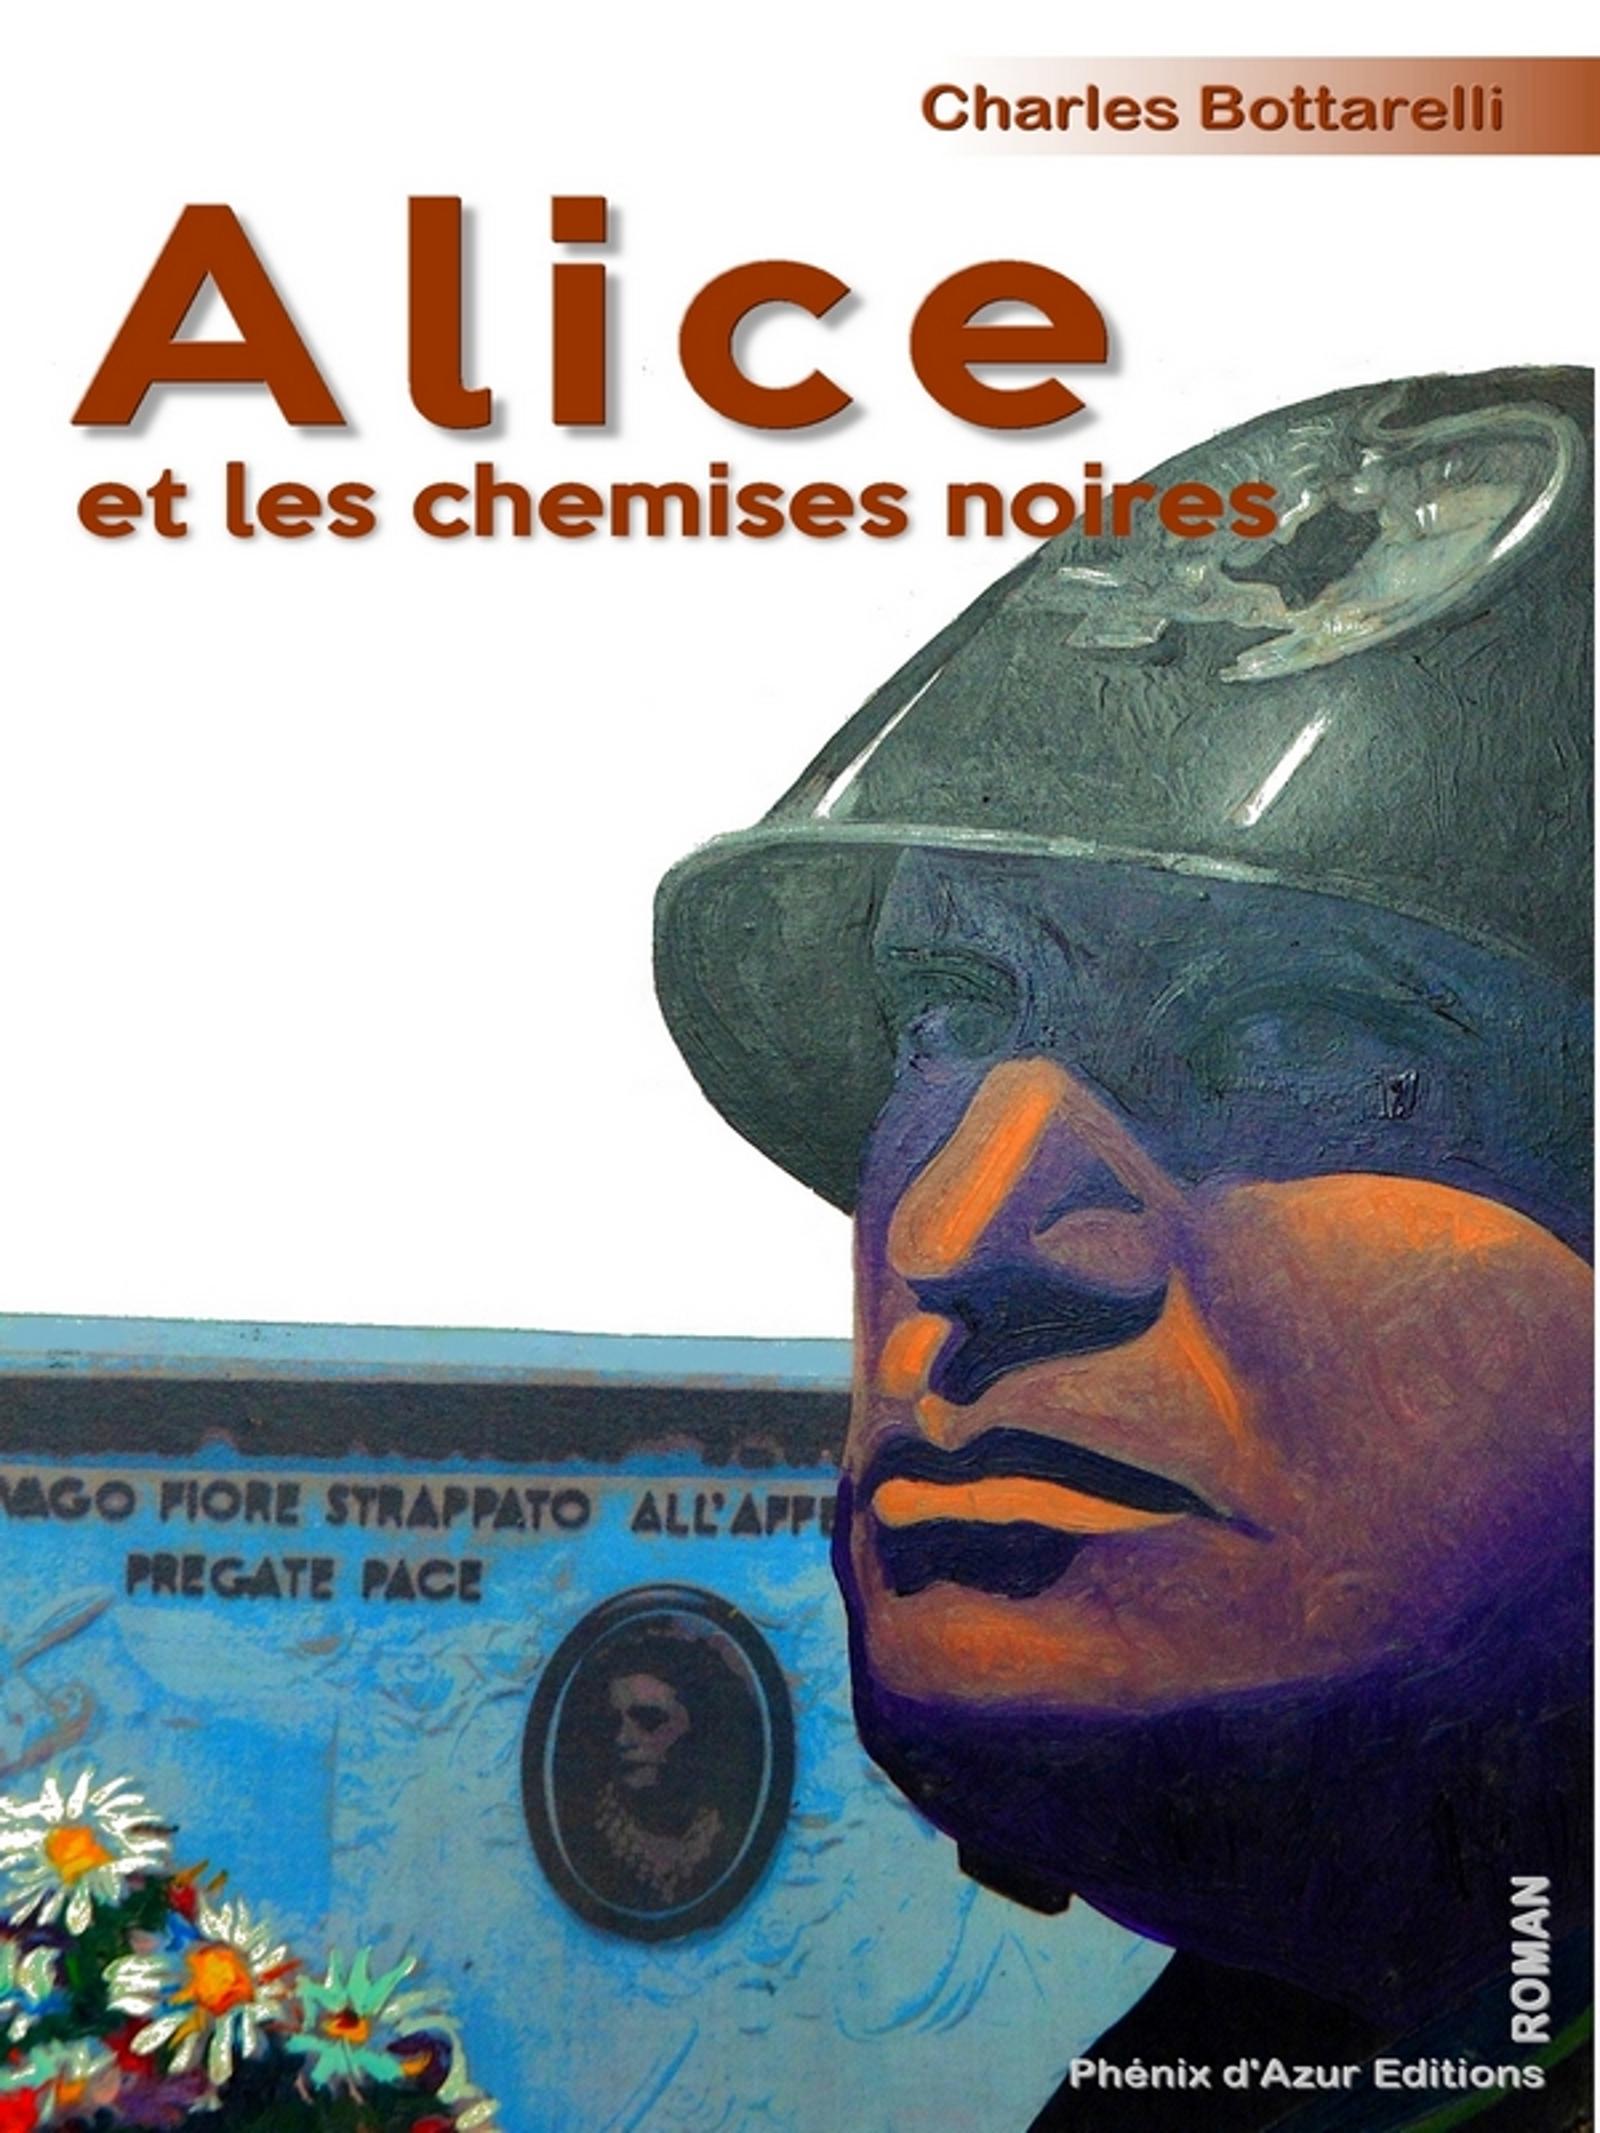 Alice et les chemises noires, Biographie fictionnelle